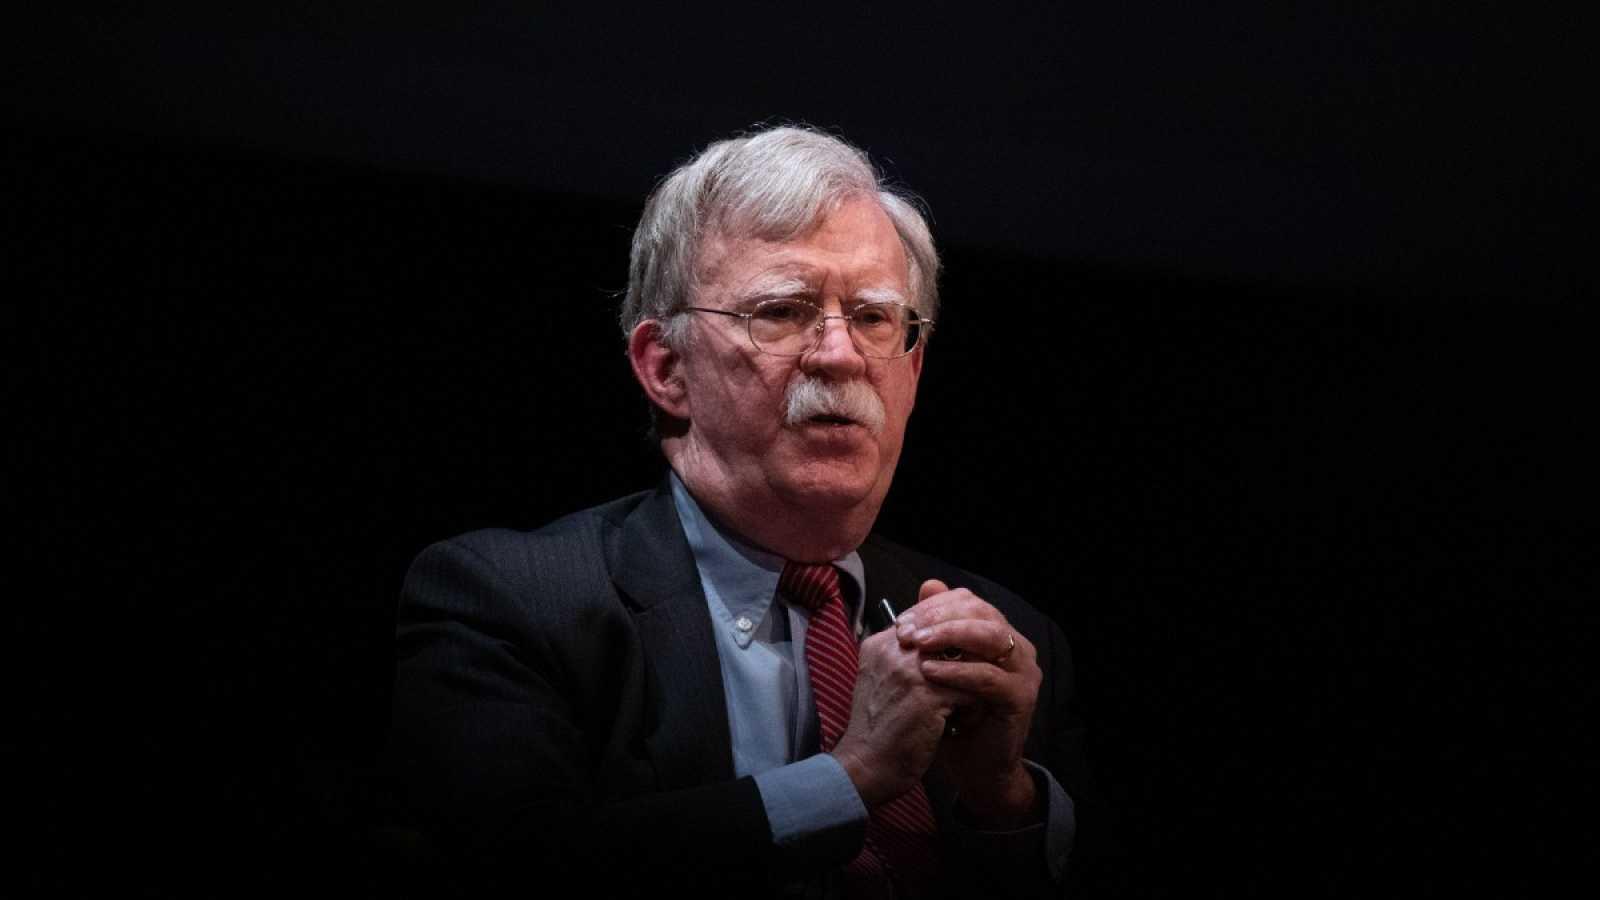 El exasesor de Seguridad Nacional de Trump, John Bolton, en un debate en Carolina del Norte a principios de año